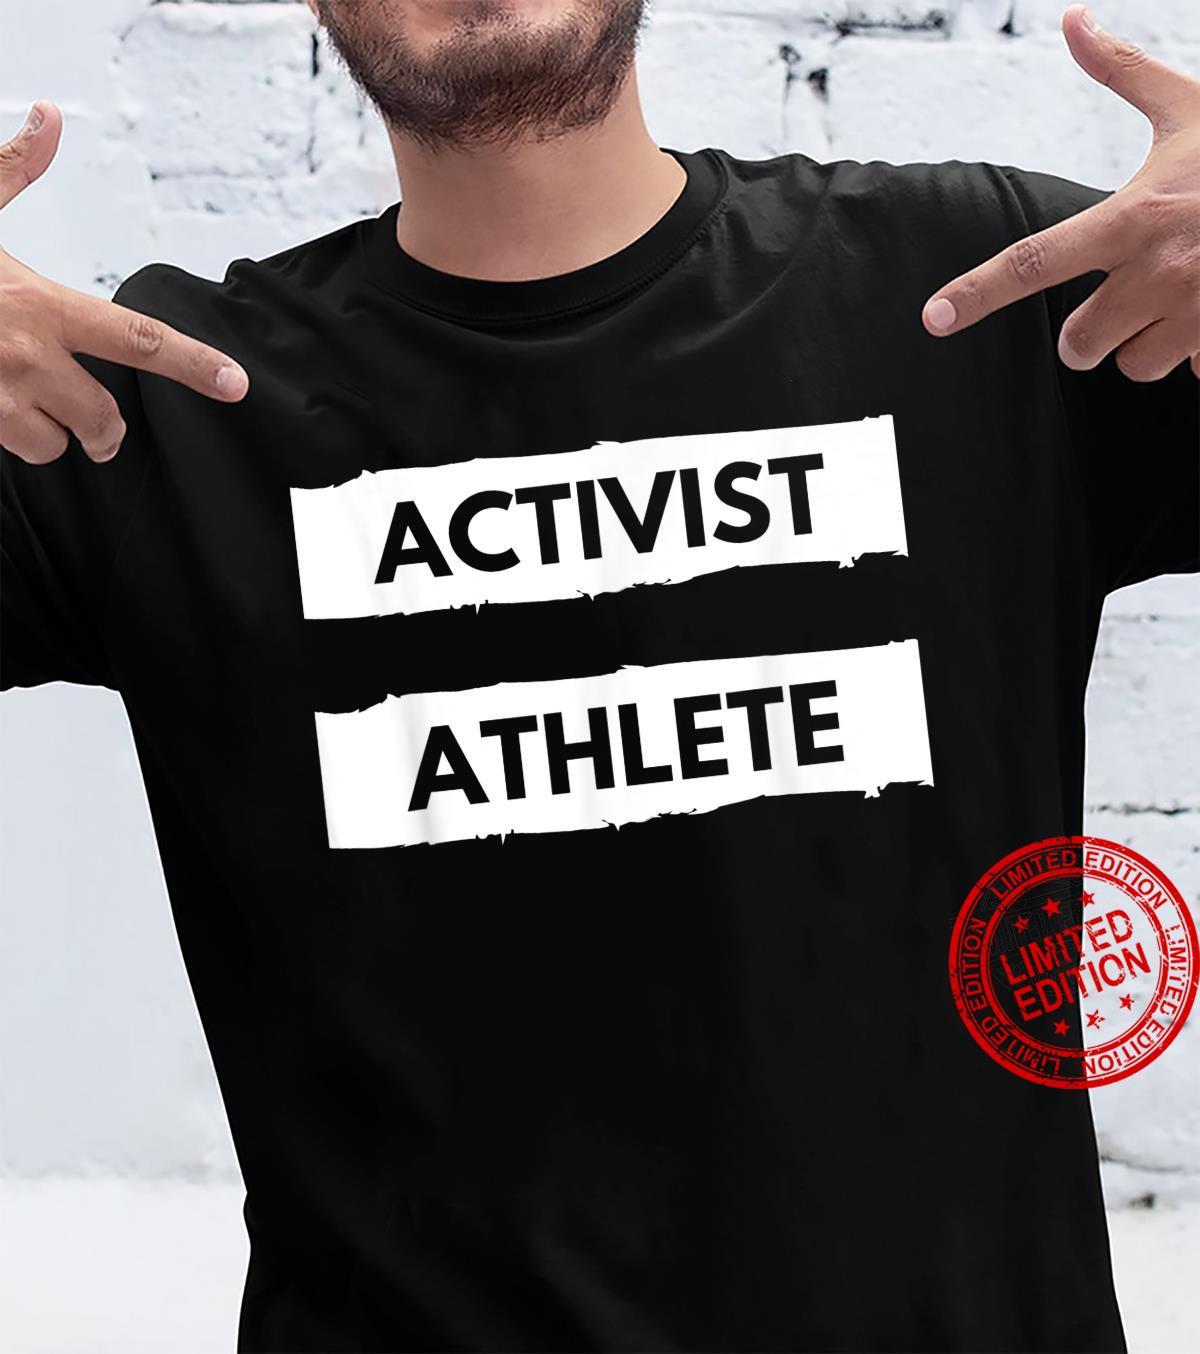 Activist Athlete Shirt